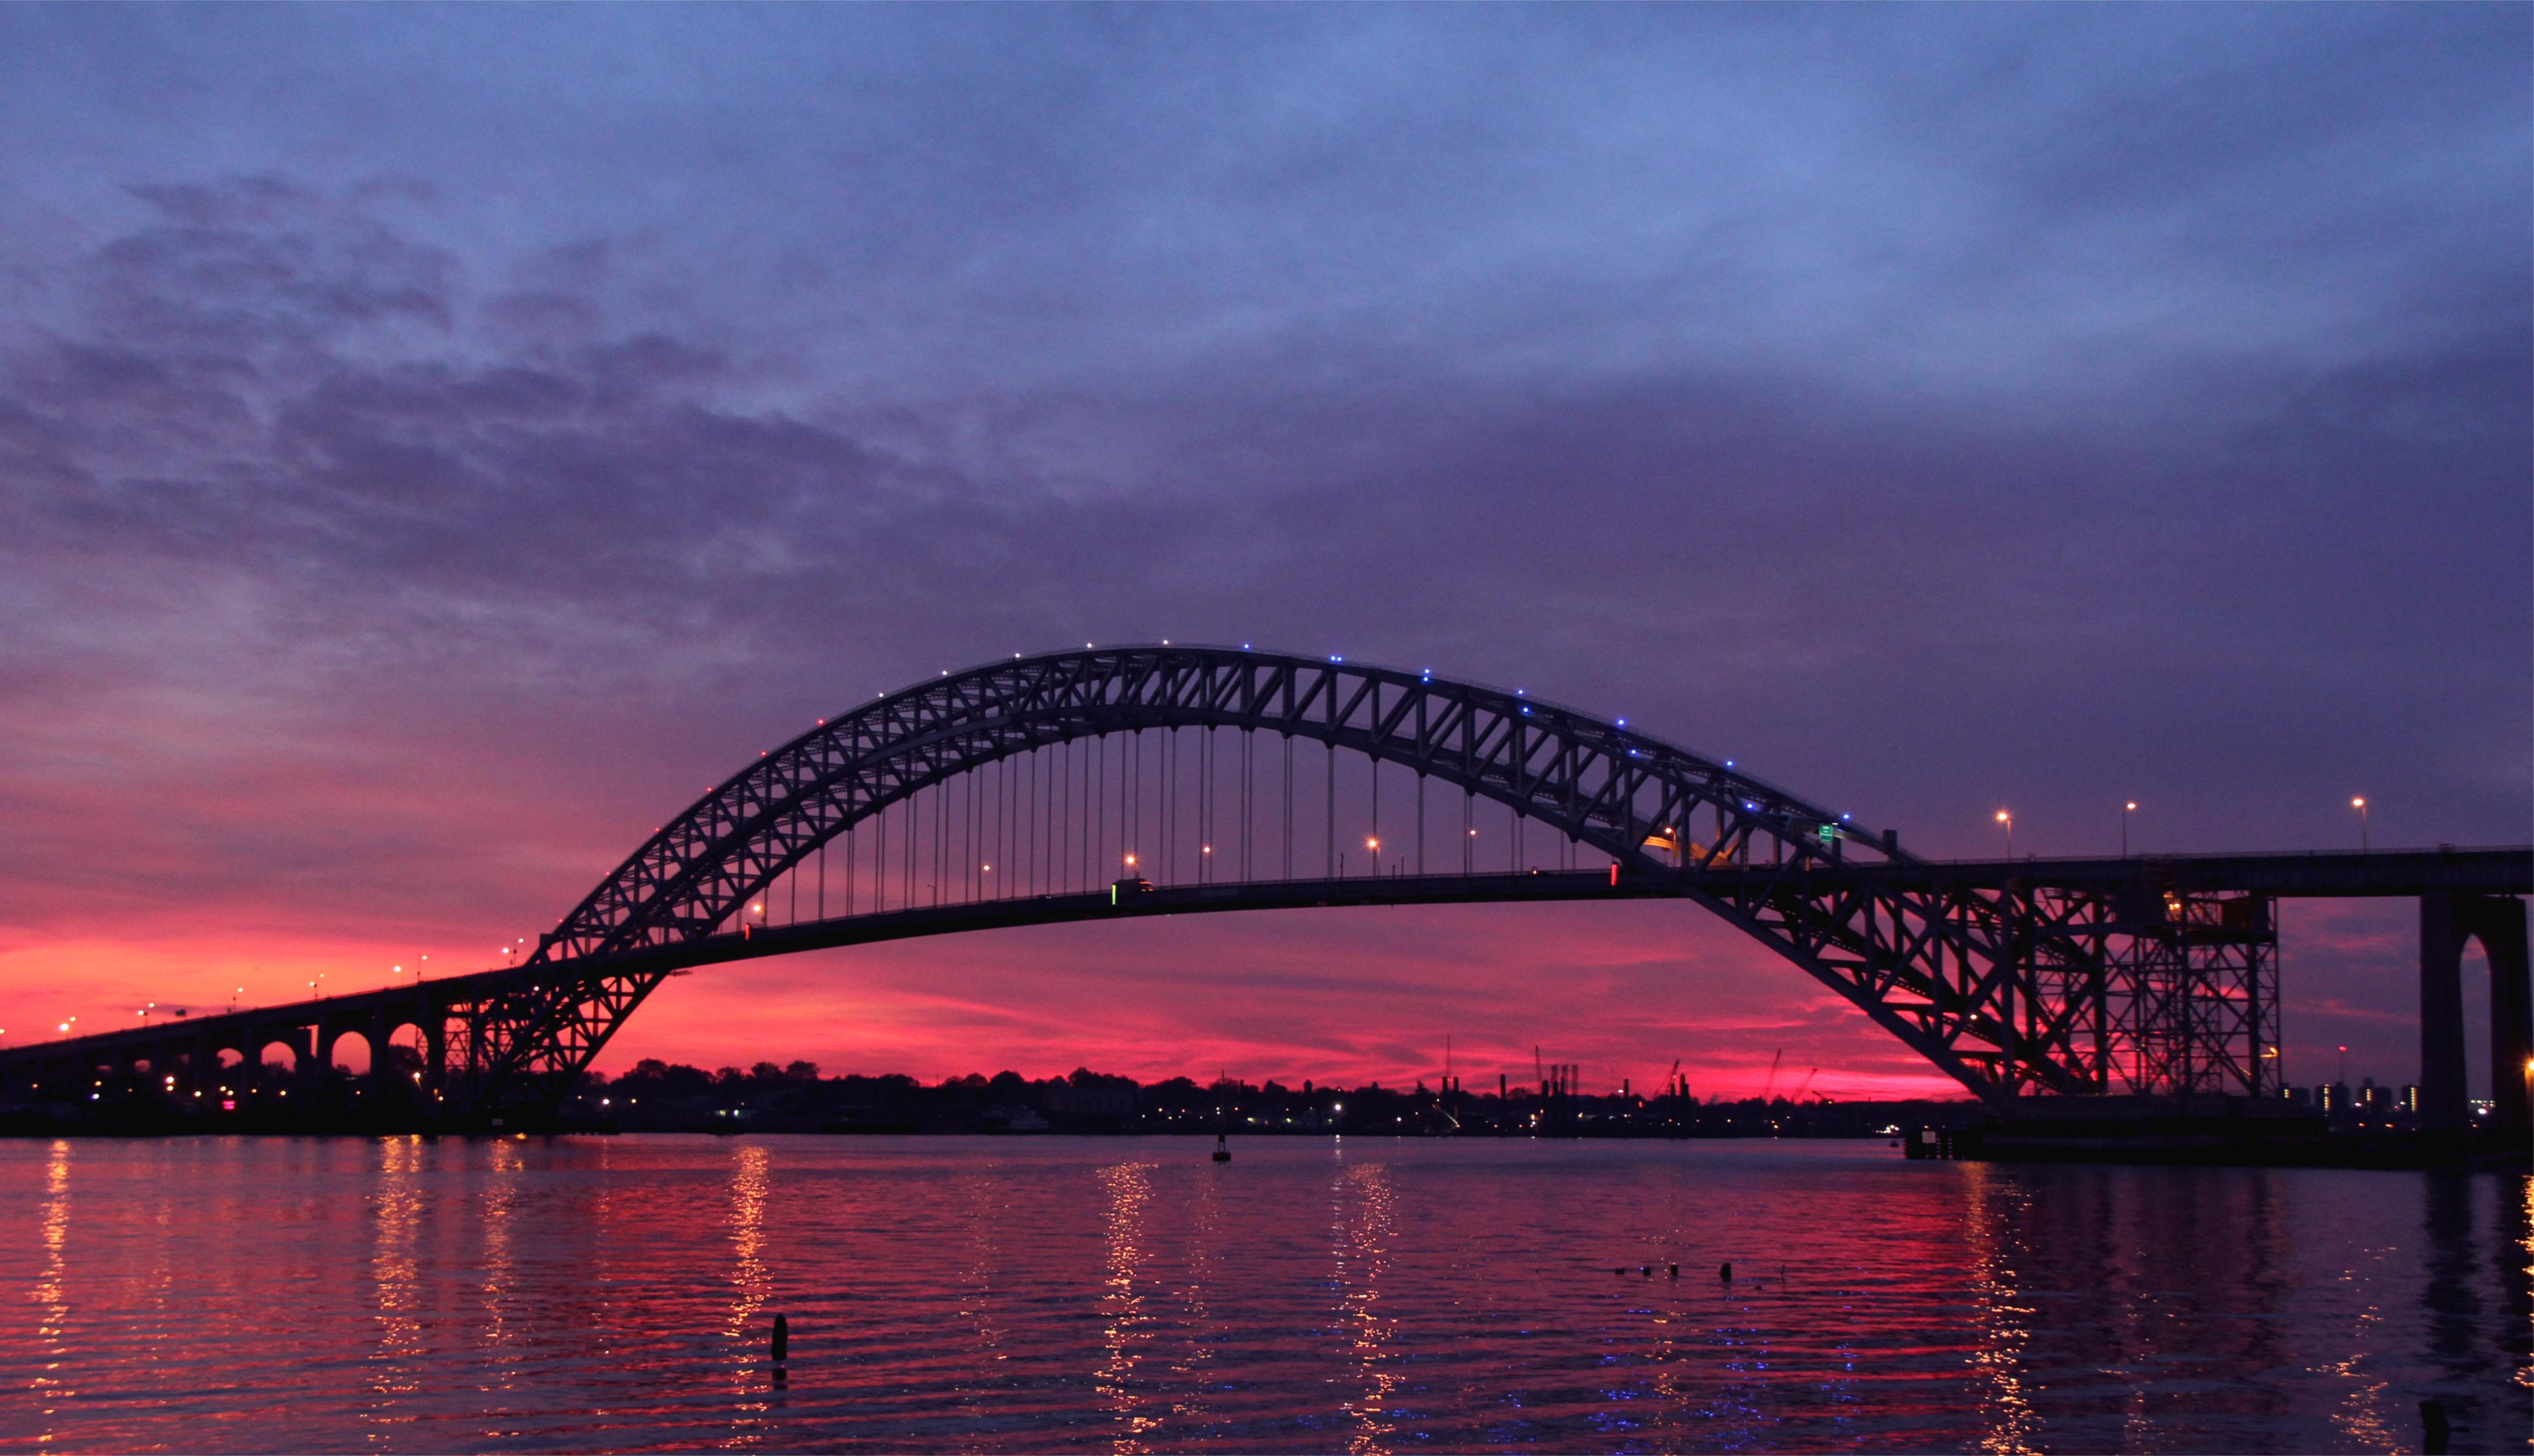 Город мост через реку  № 3713185 загрузить